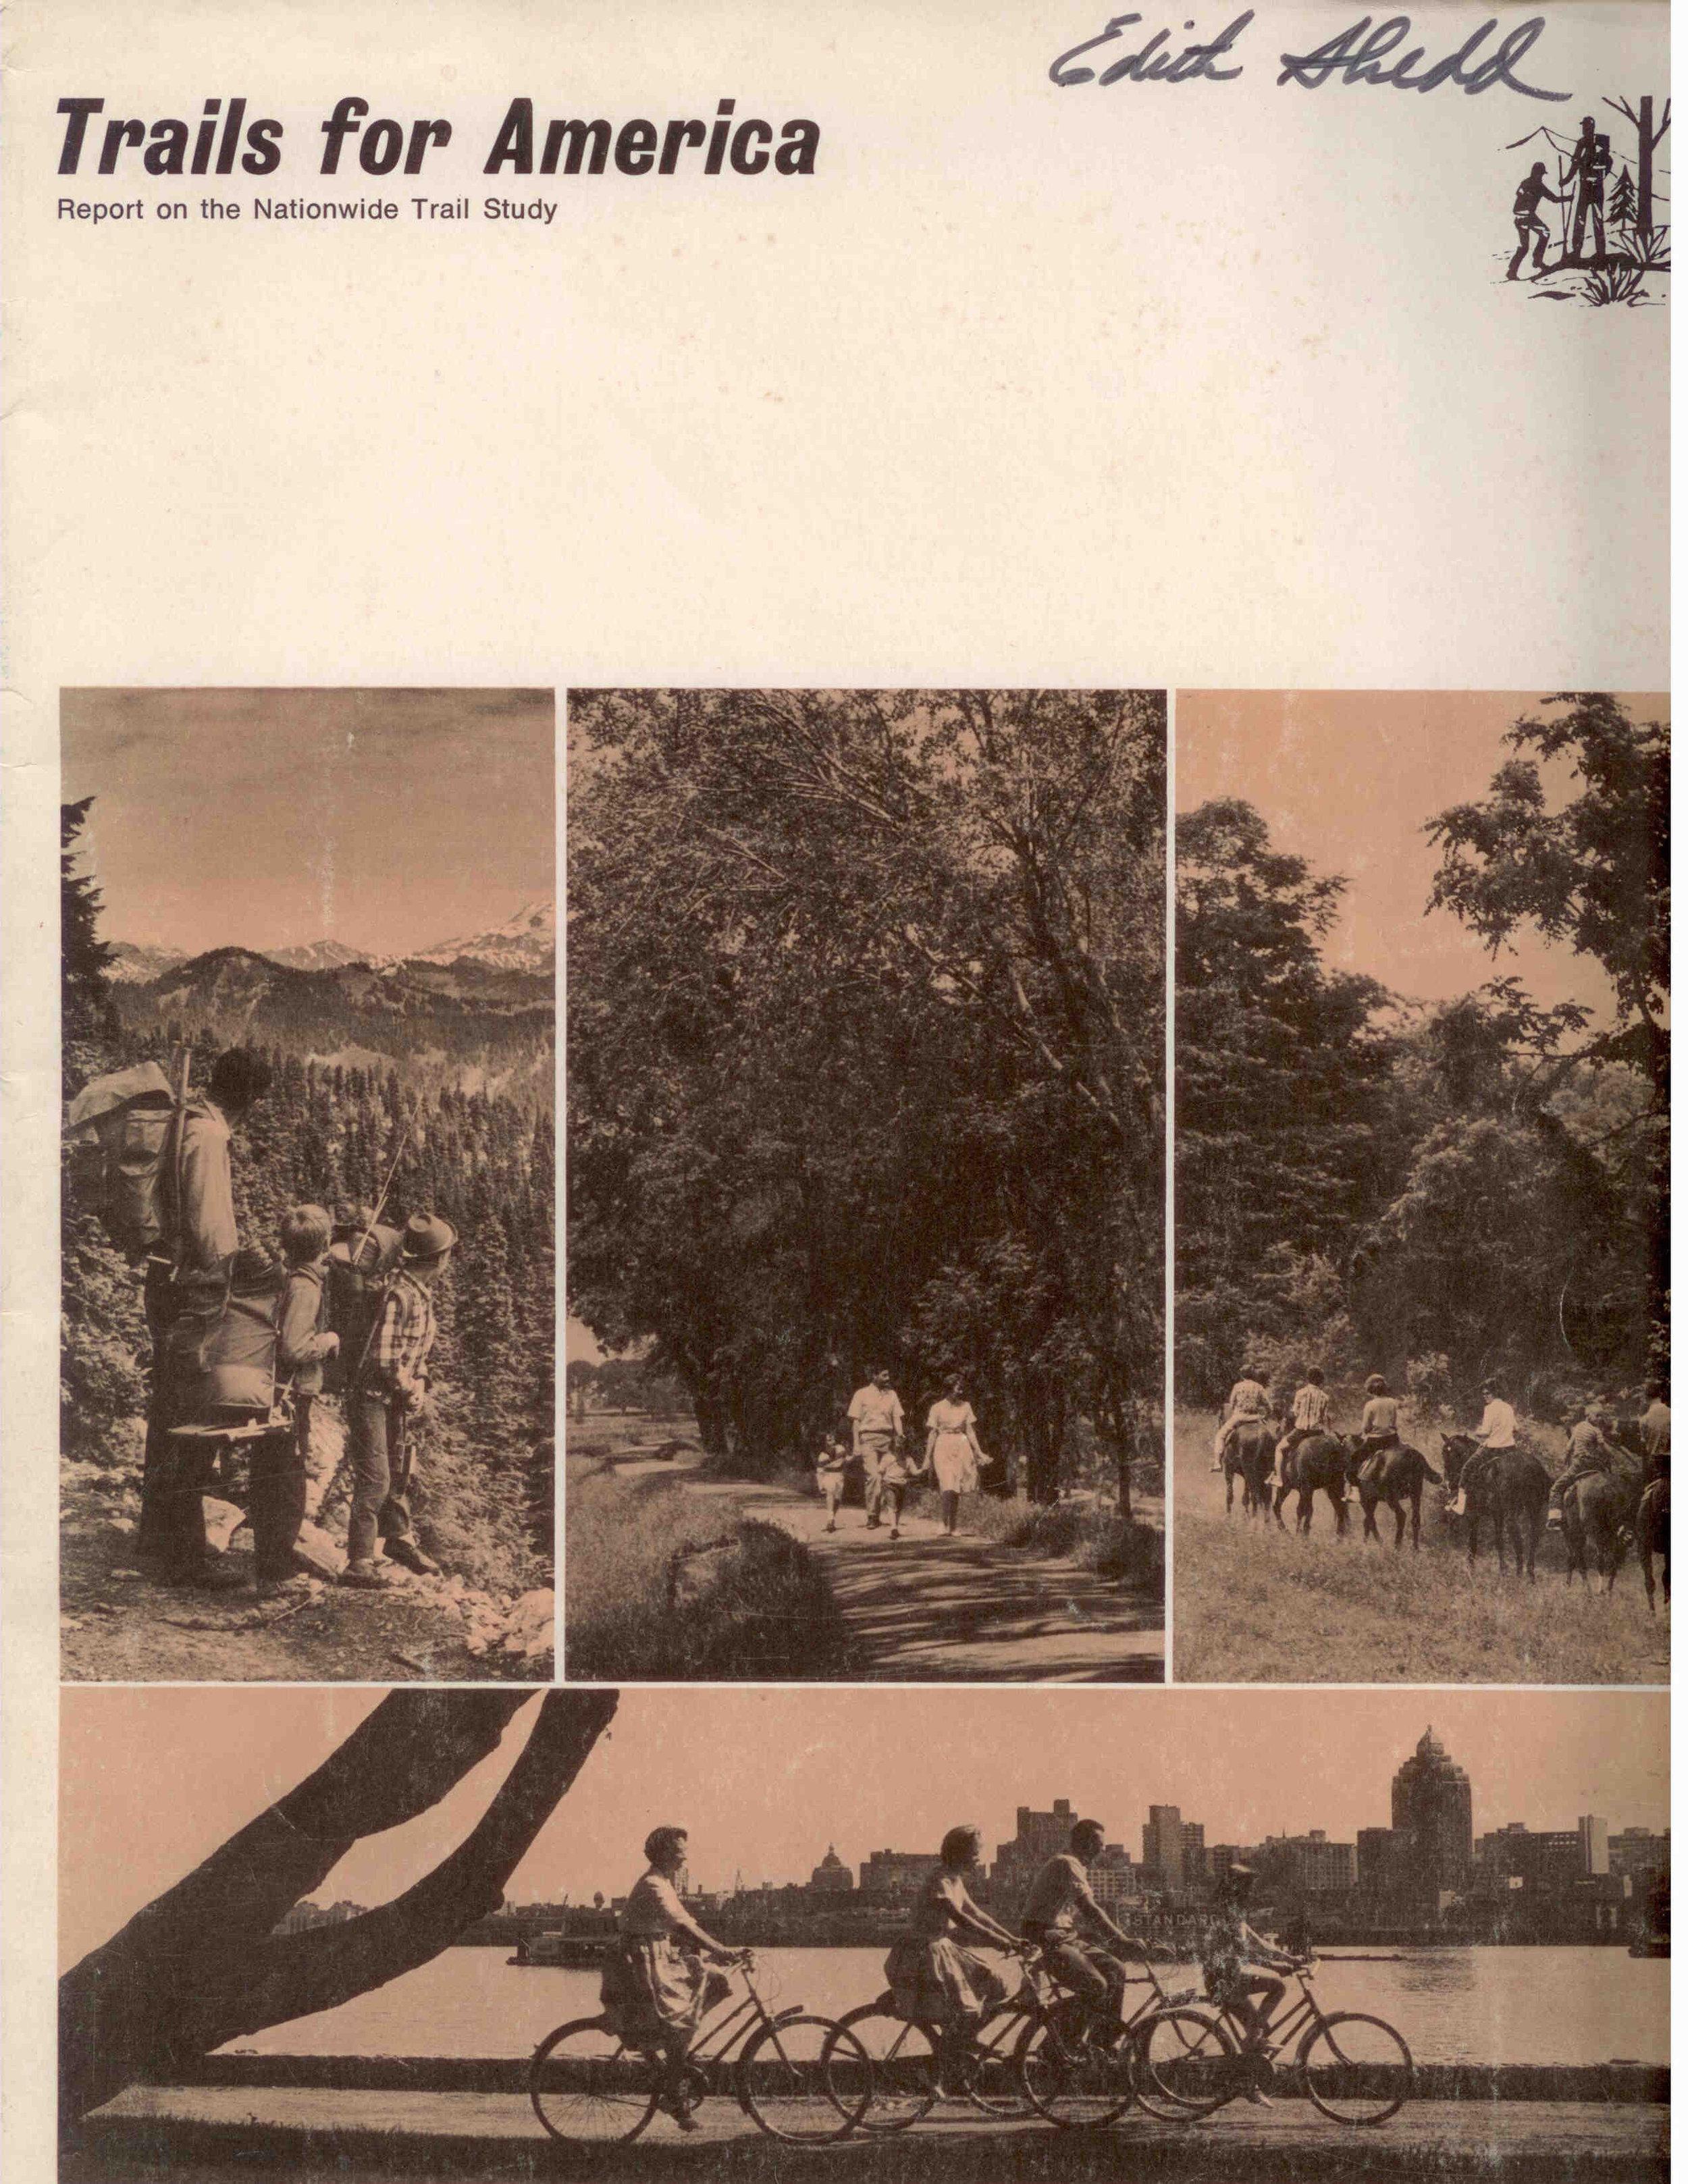 Shedd Trails for America.jpg